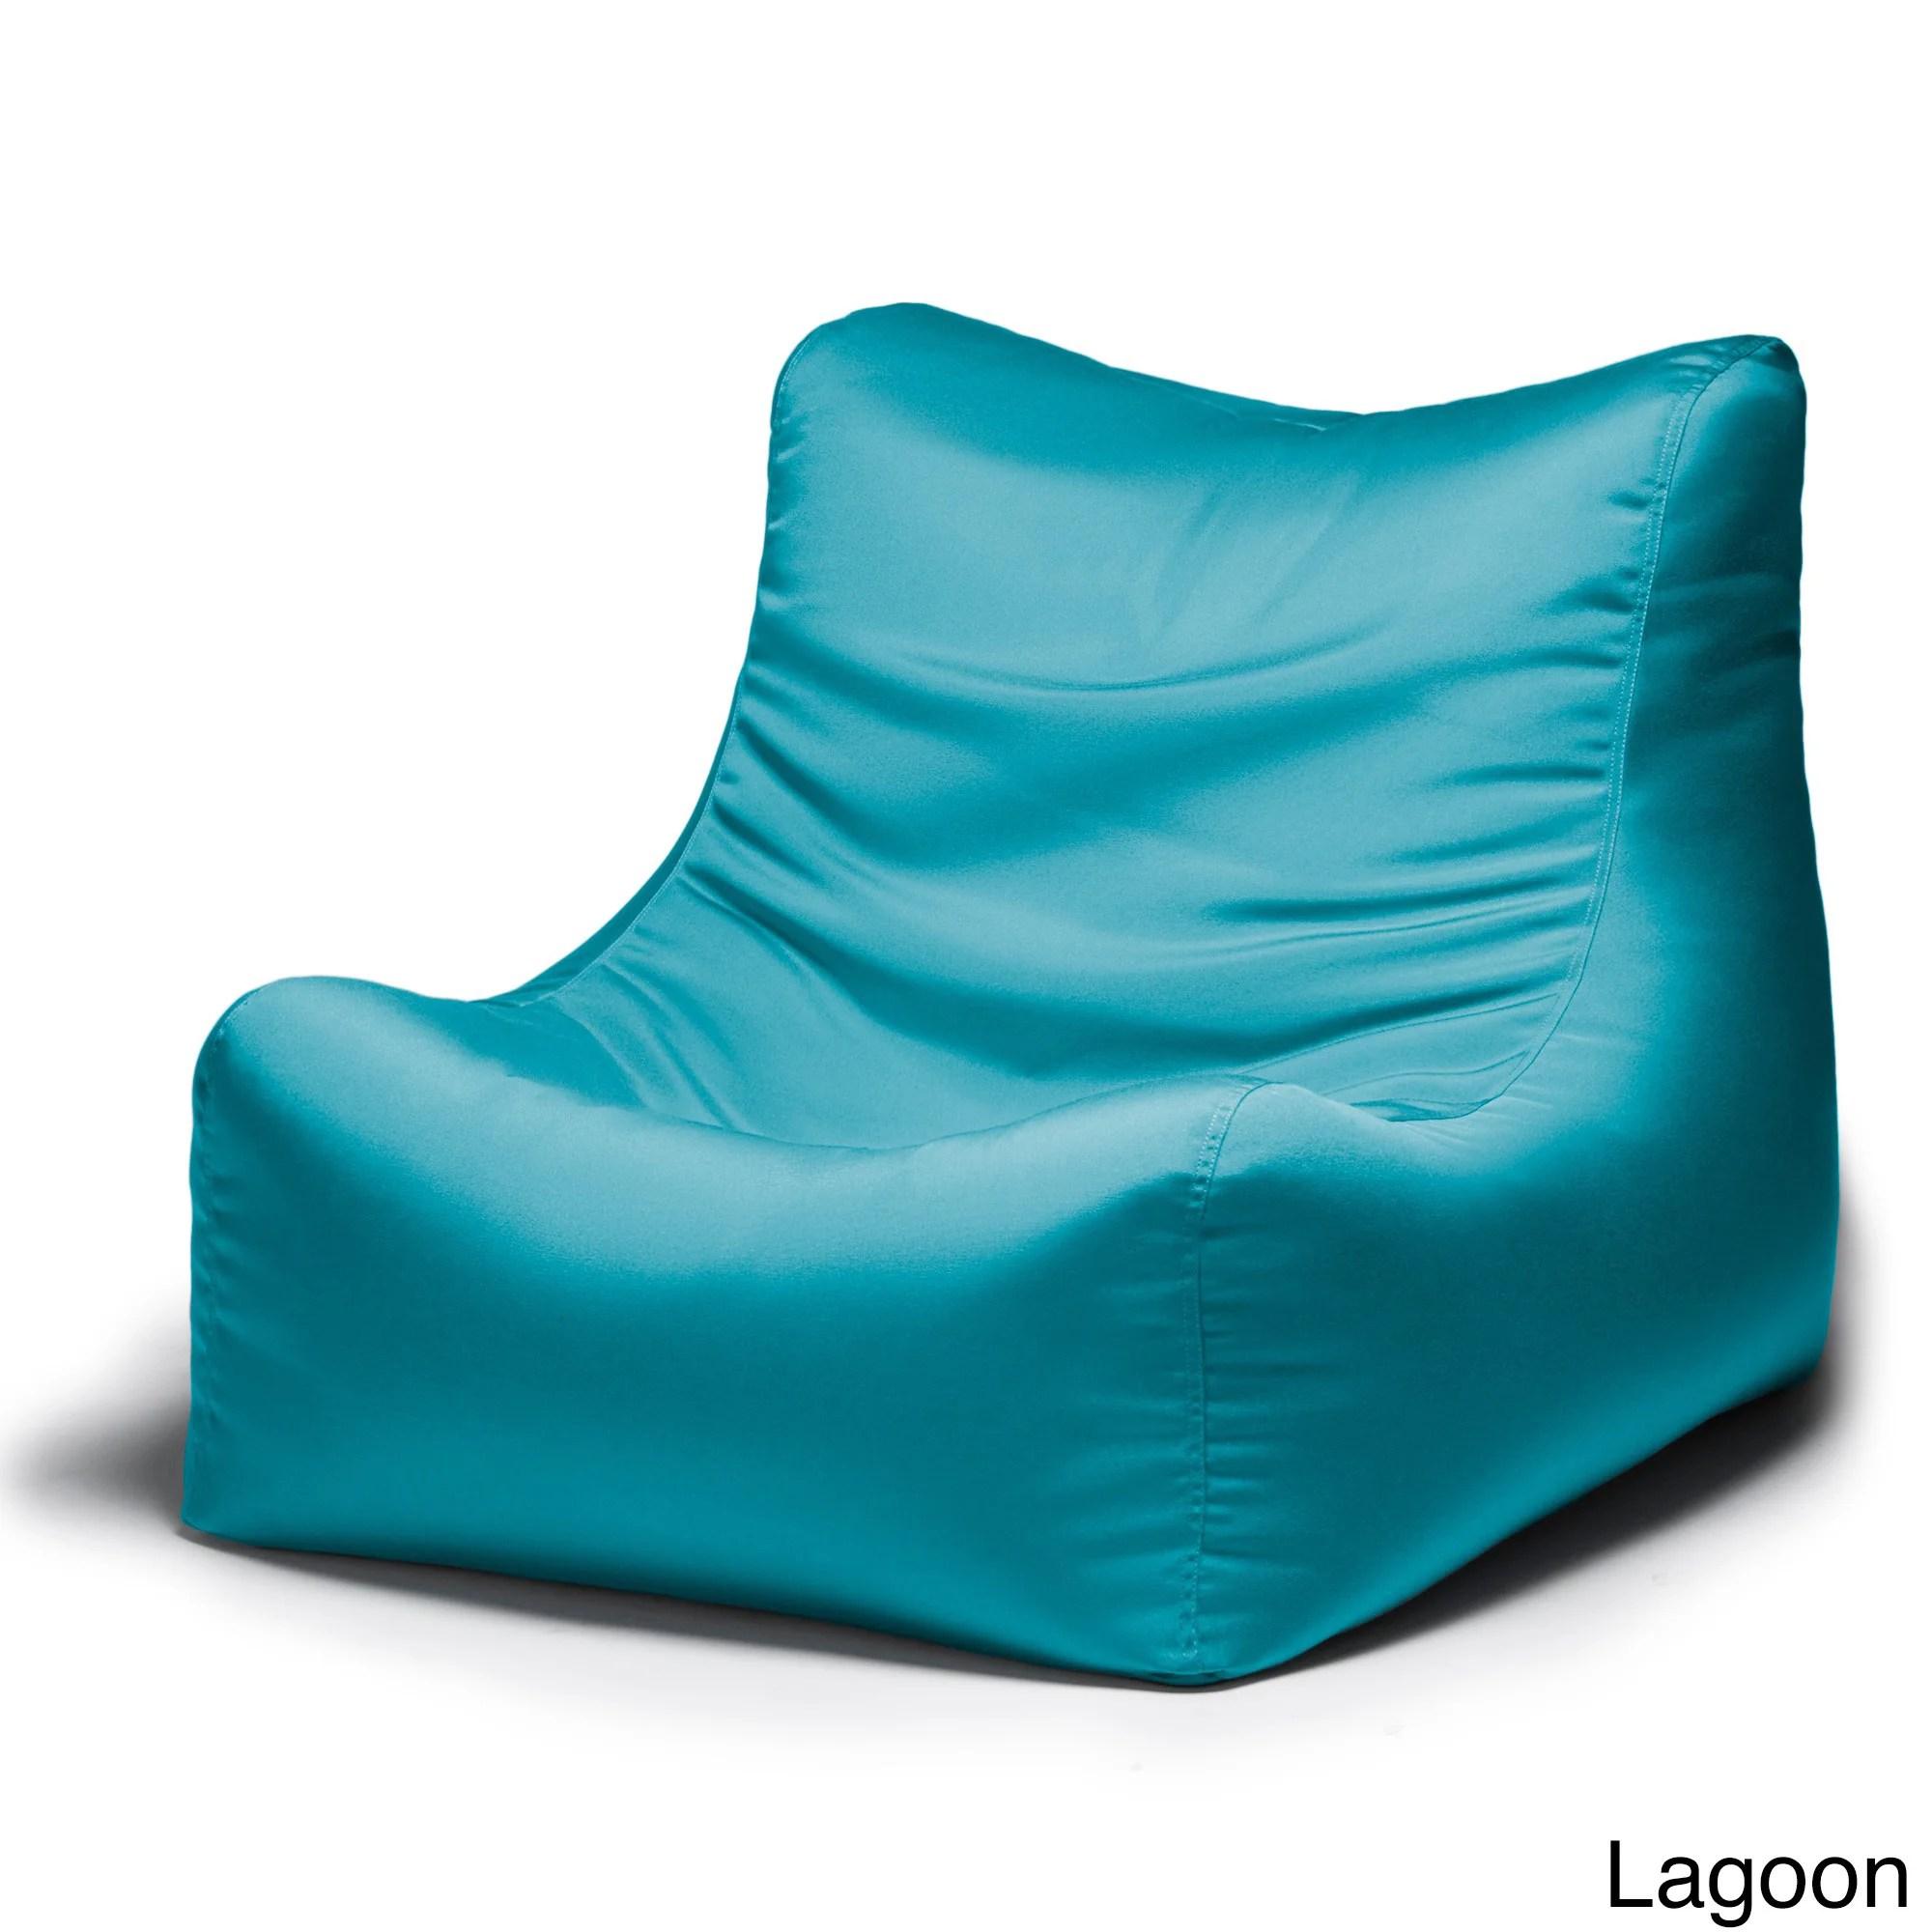 jaxx bean bag chair modern white chairs ponce outdoor patio ebay